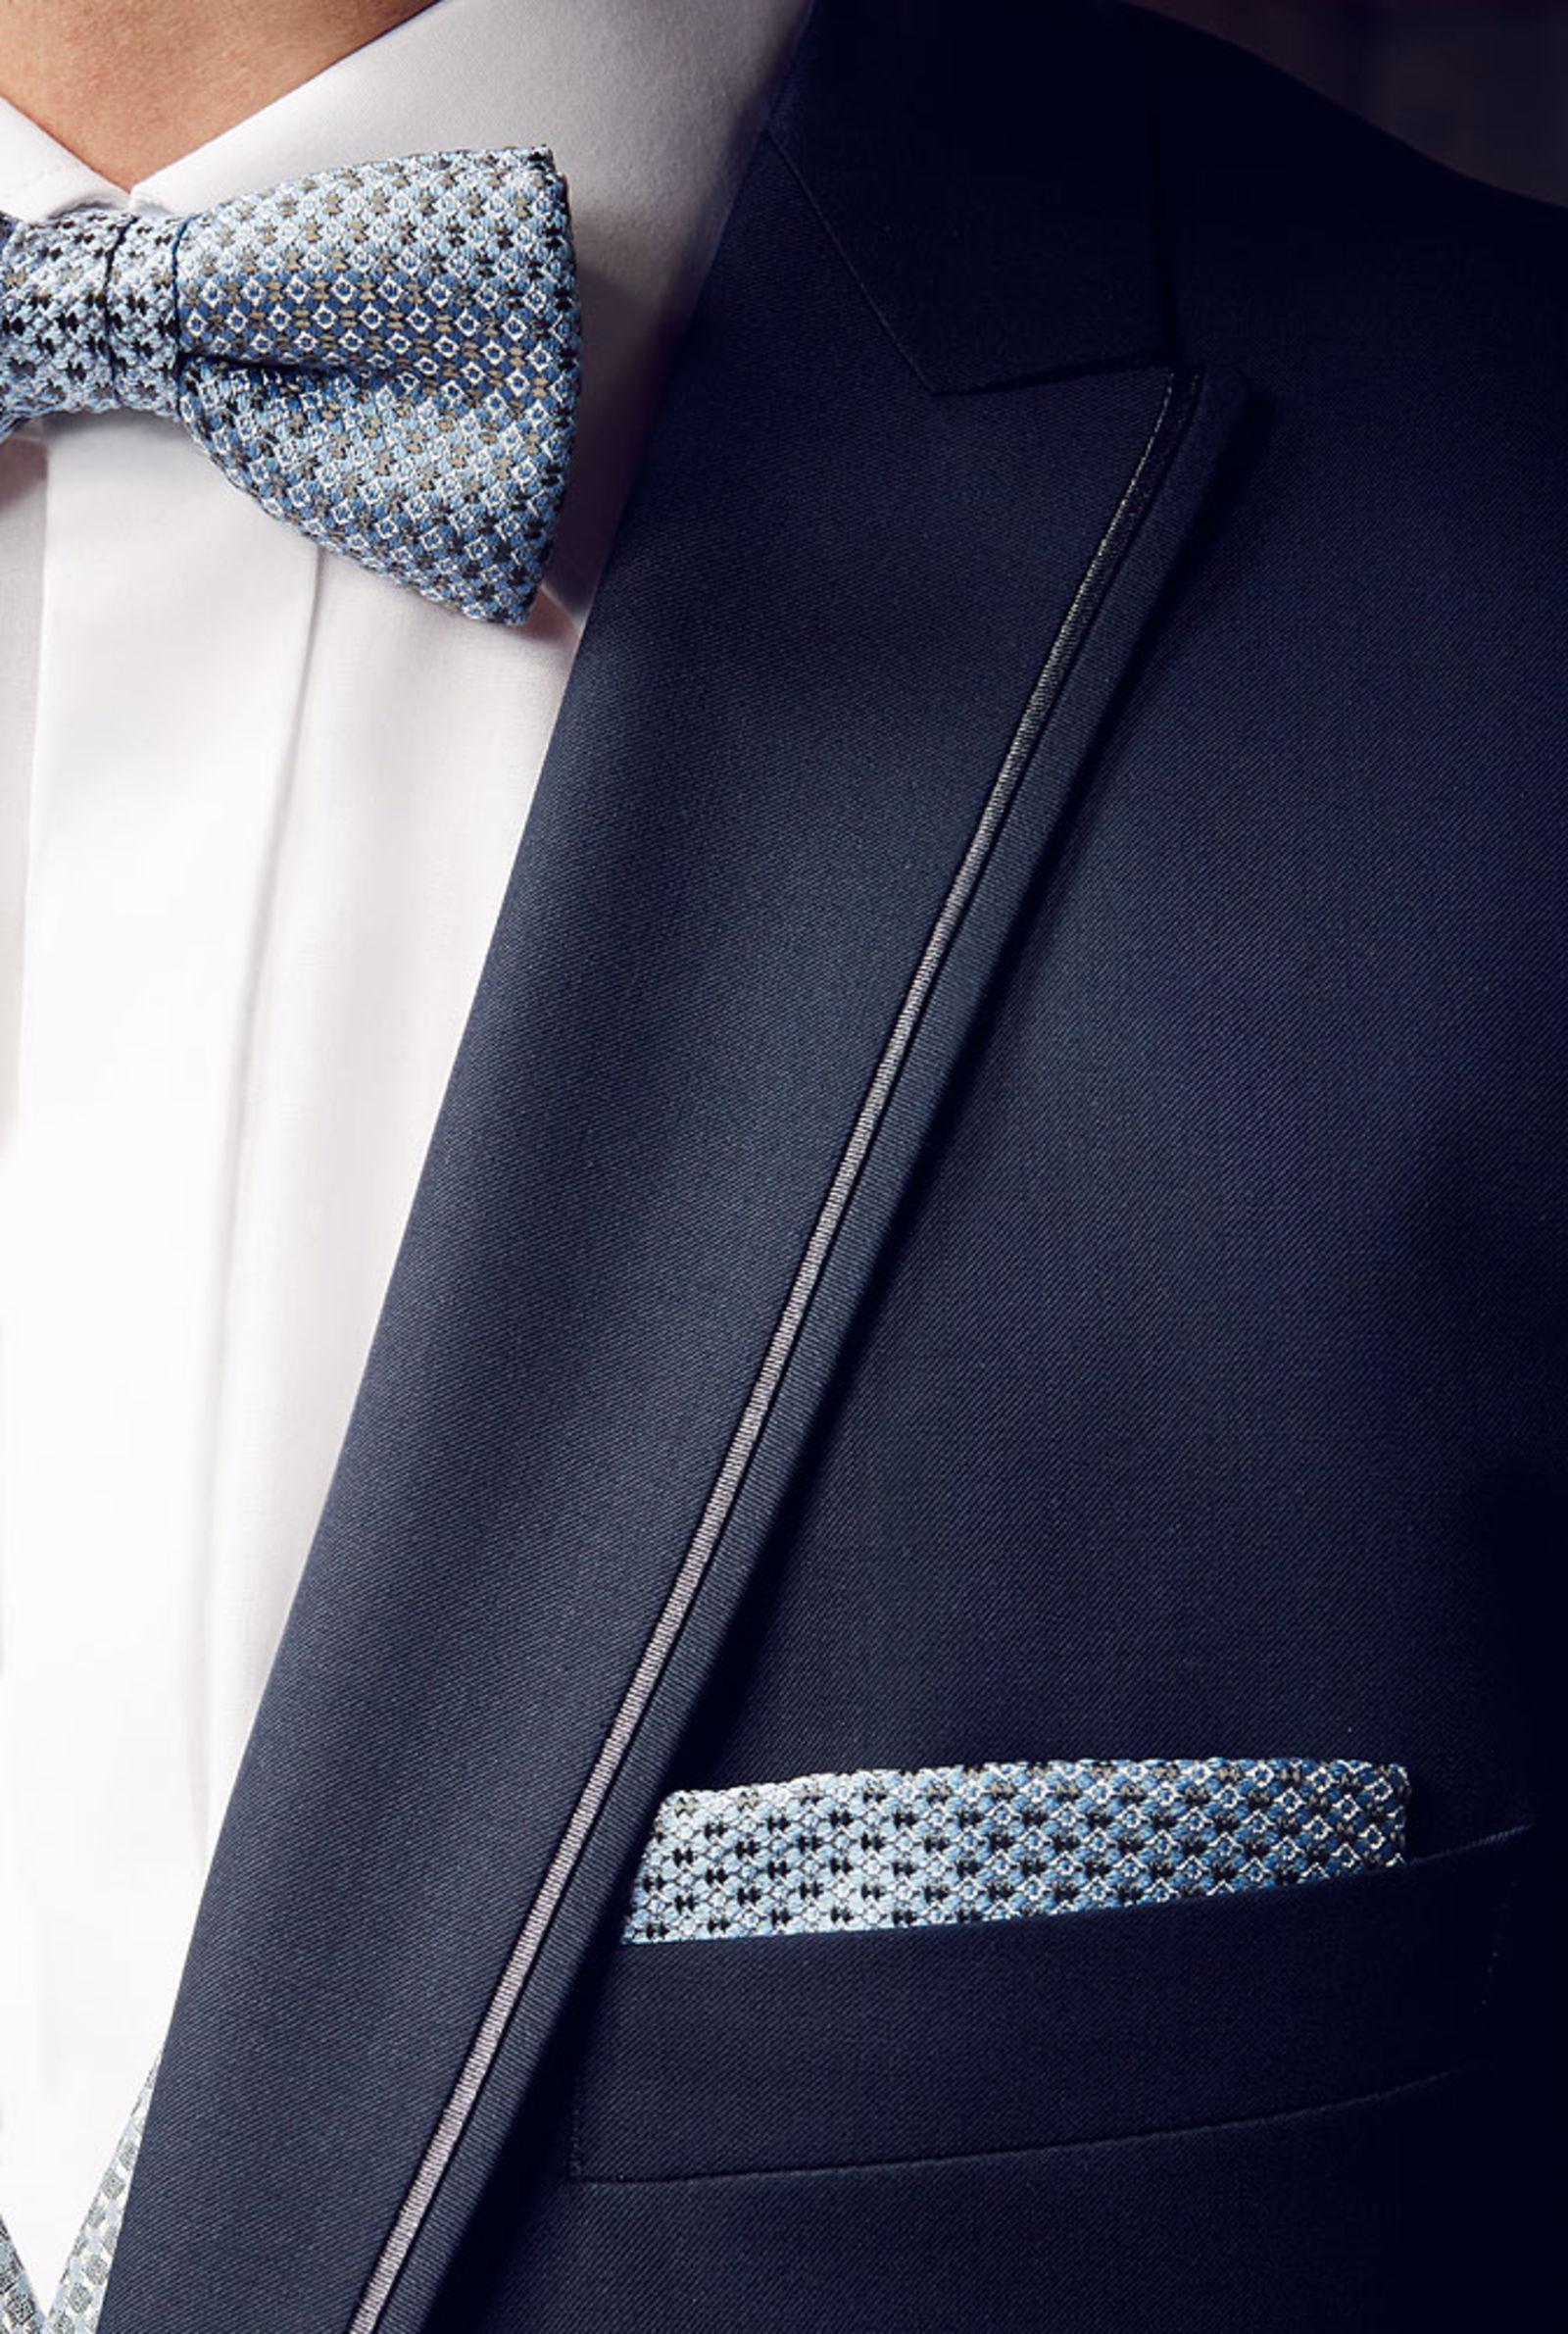 GRANDITS men's fashion in Wien (Bild 1)